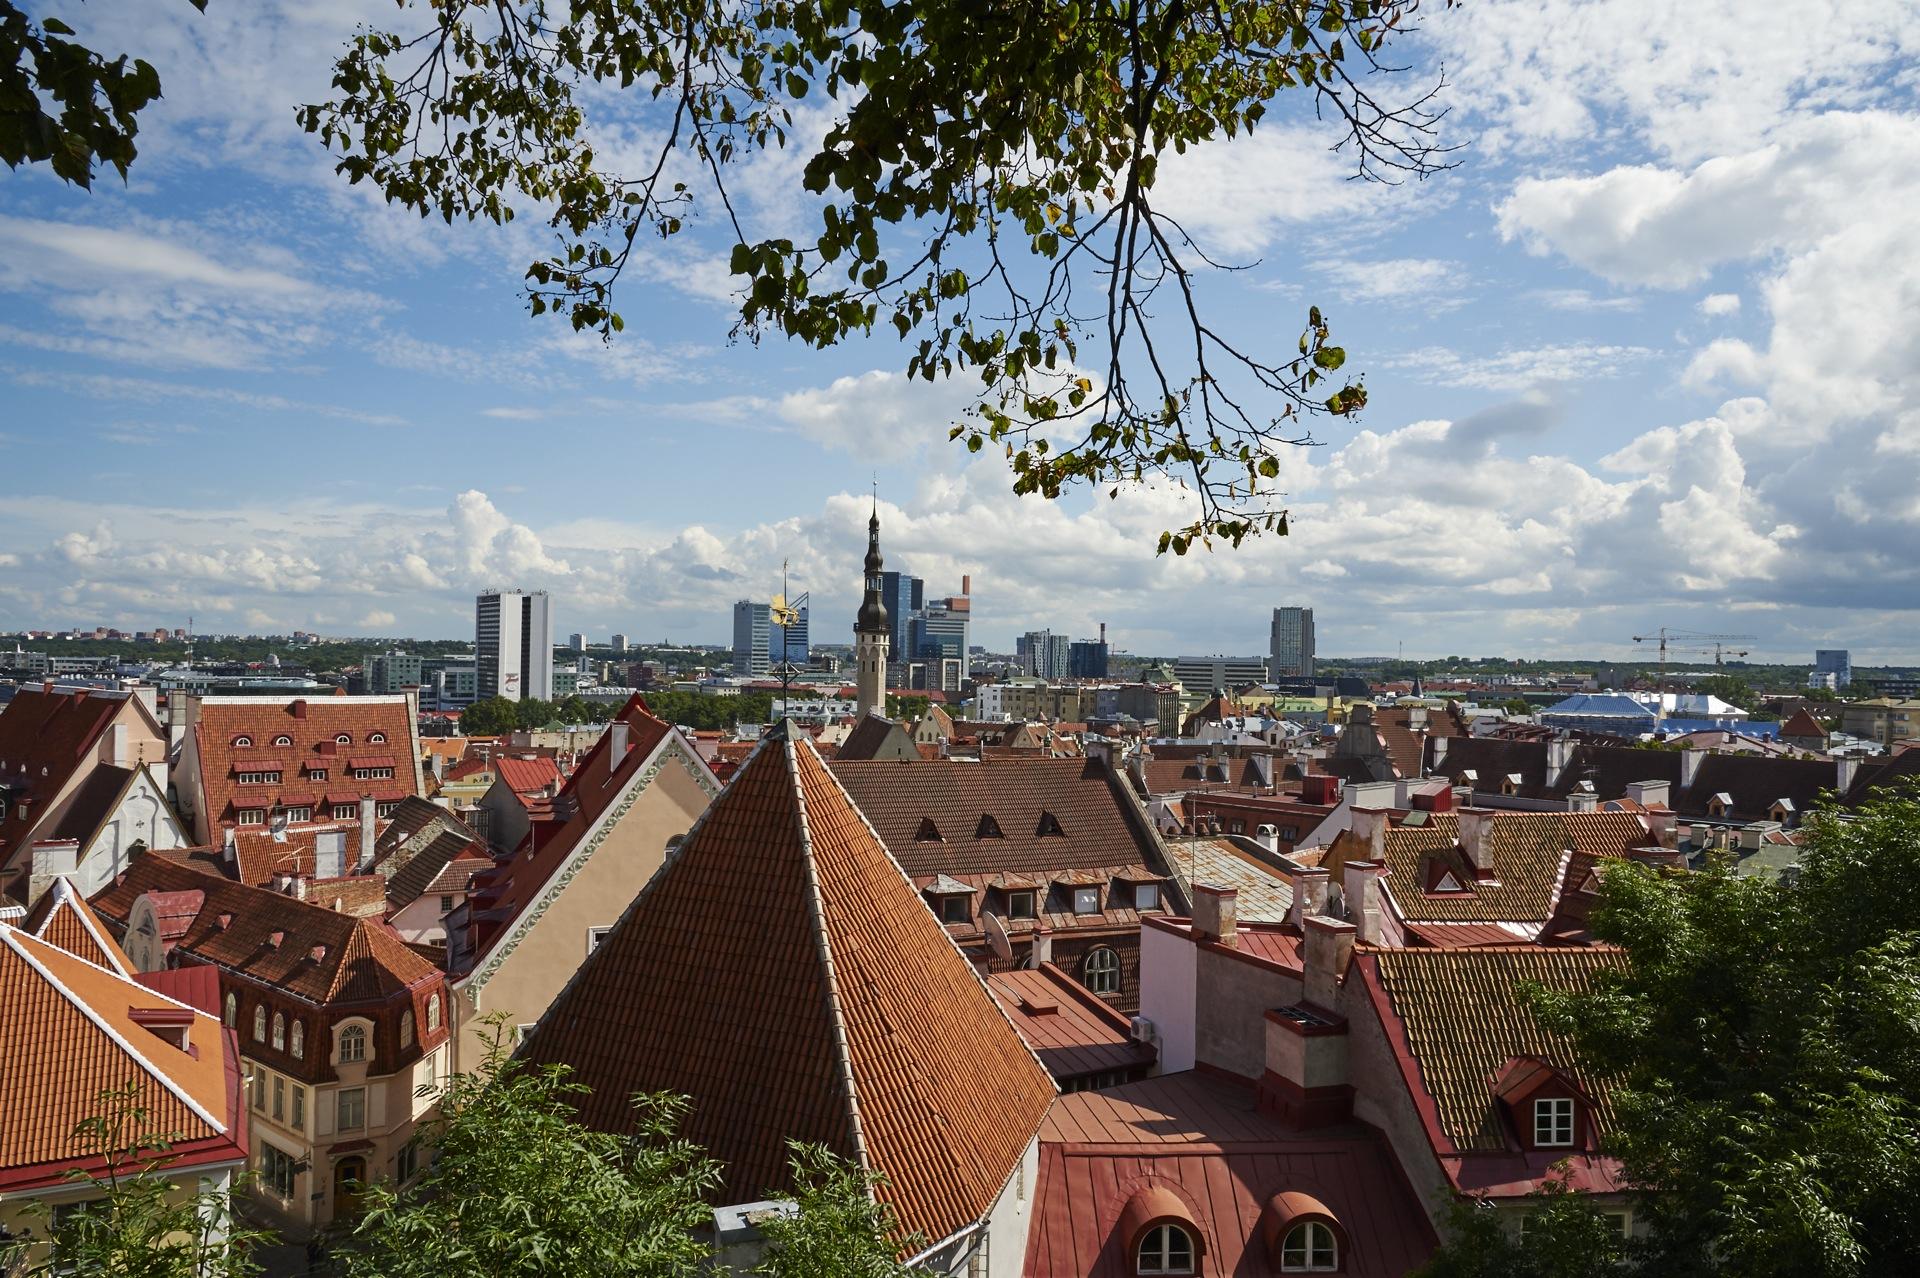 Bild: Vom Domberg hat man einen schönen Blick über Tallinn. NIKON D700 mit AF-S NIKKOR 24-120 mm 1:4G ED VR. ISO 200 ¦ f/16 ¦ 24 mm ¦ 1/320 s ¦ kein Blitz. Klicken Sie auf das Bild um es zu vergrößern.